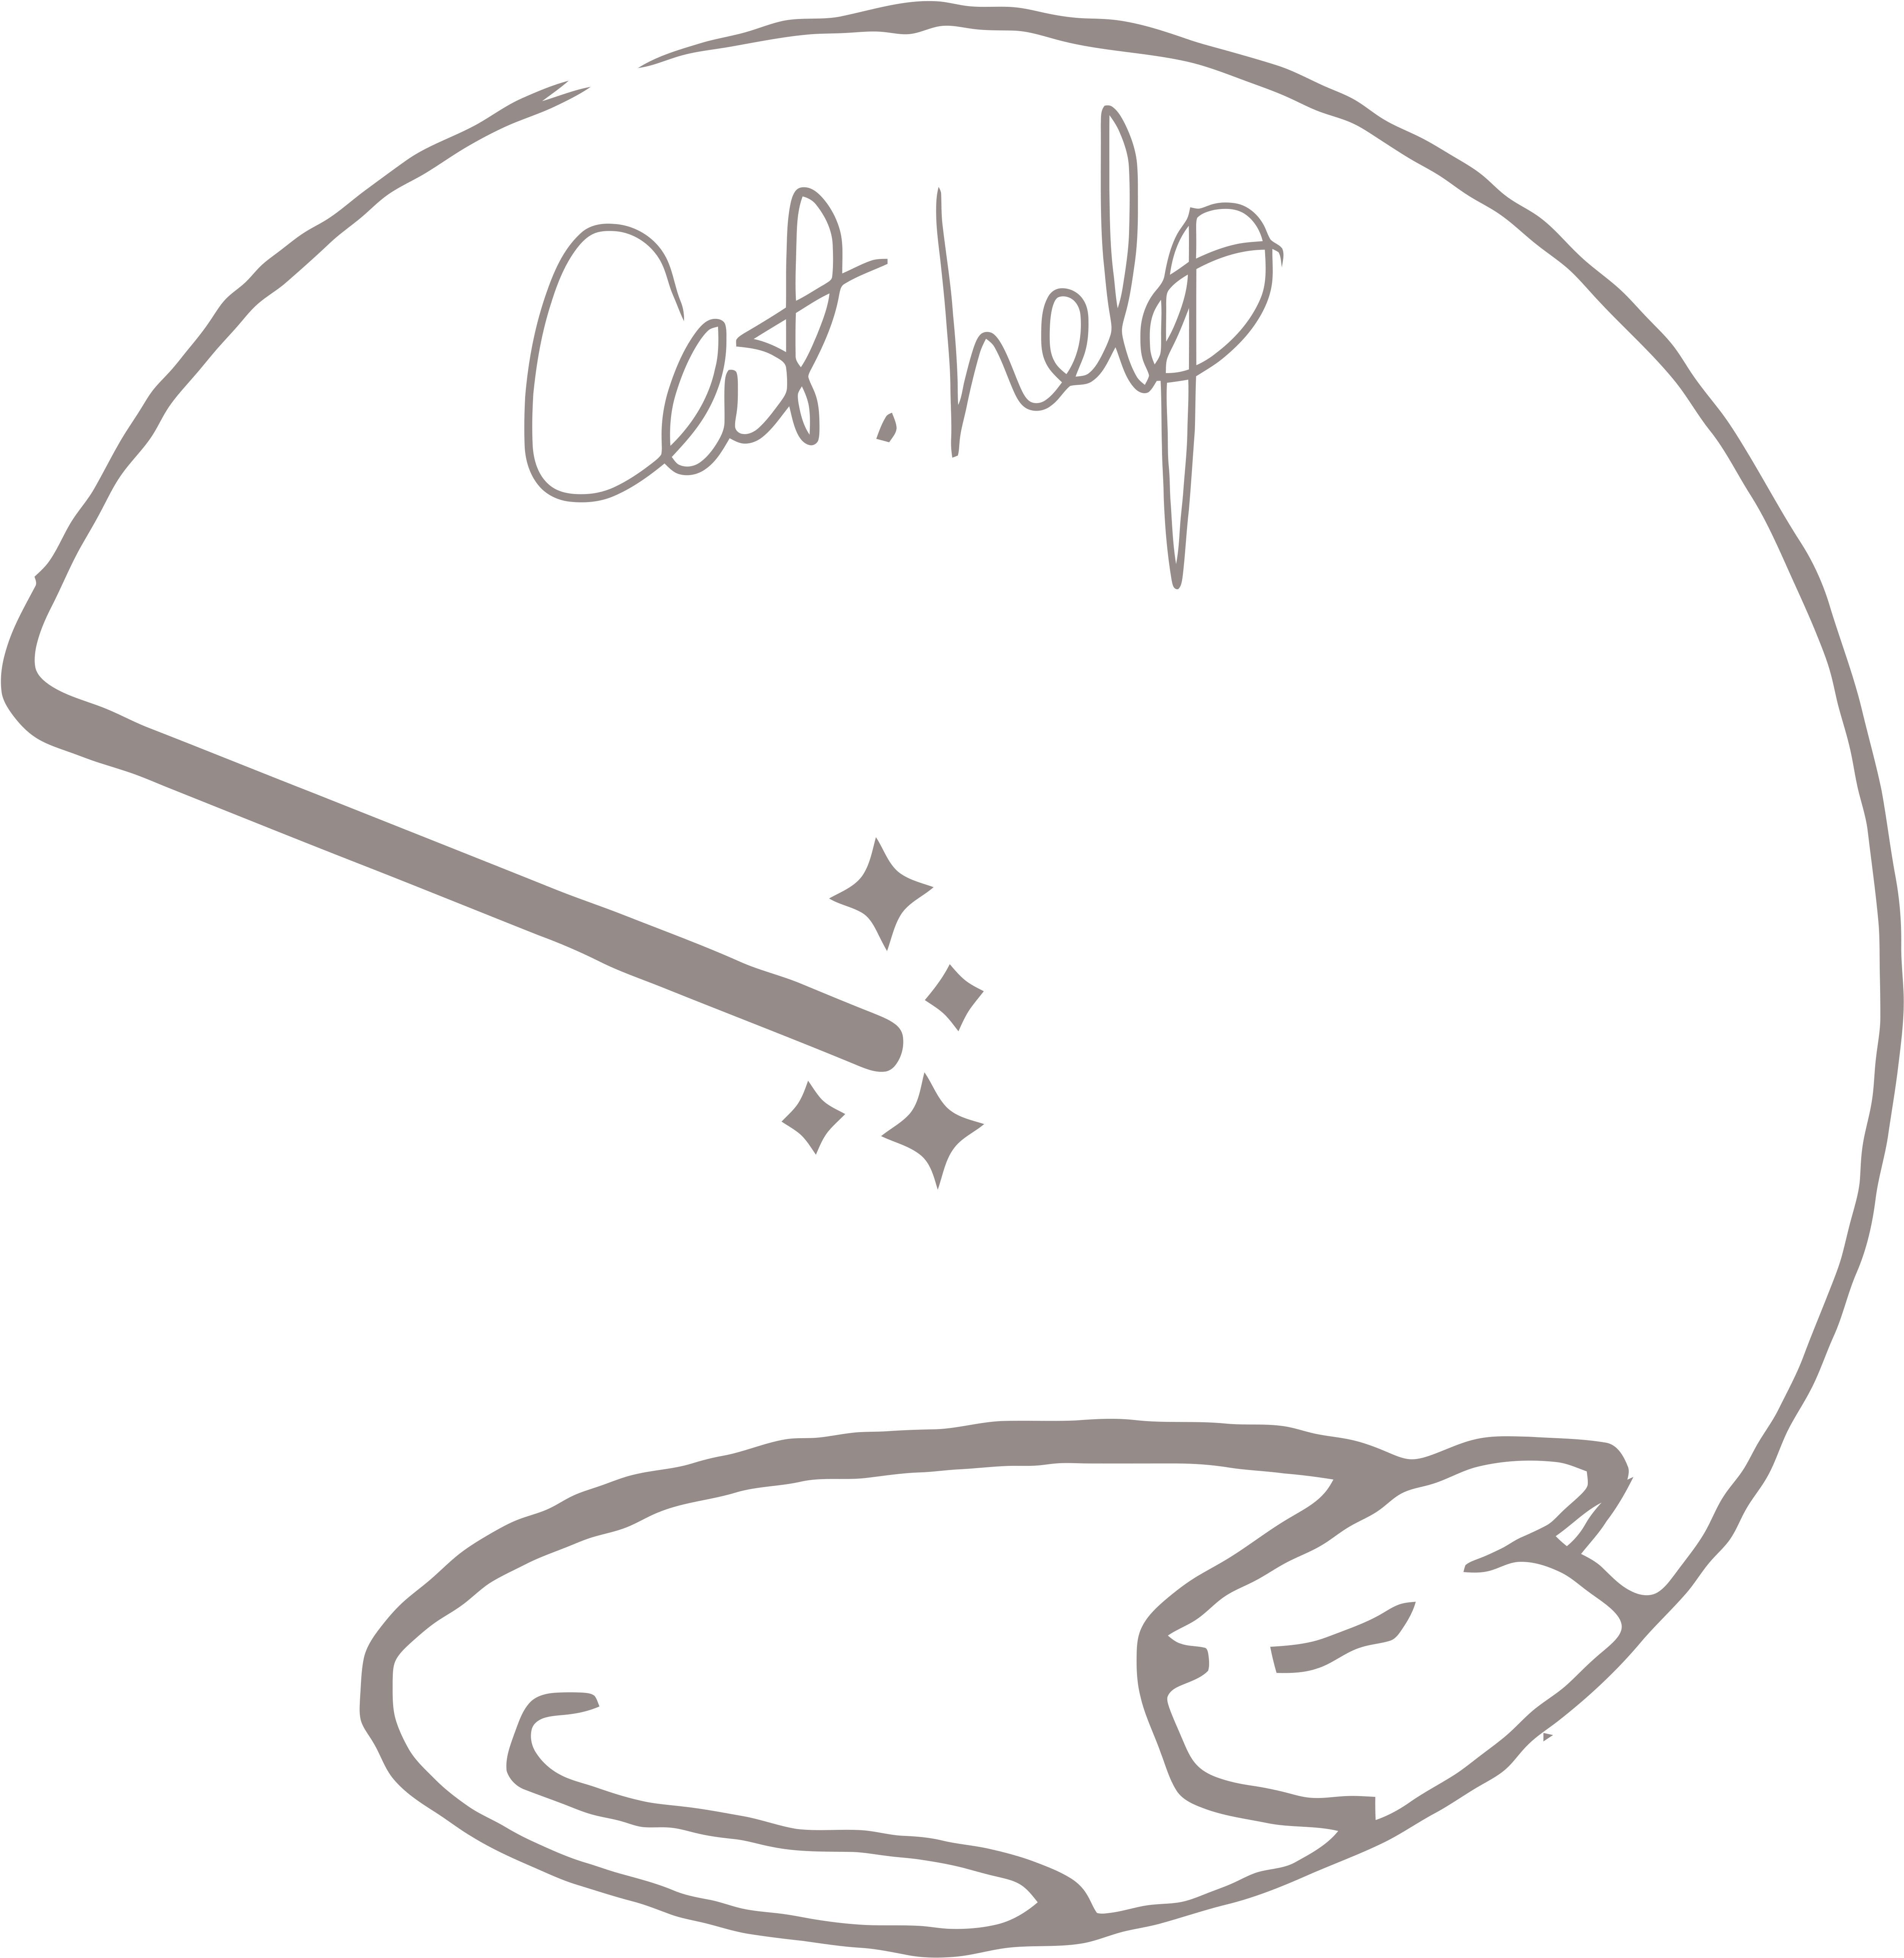 логотип для сайта и группы вк - cat.help фото f_82259de60dc8f289.jpg